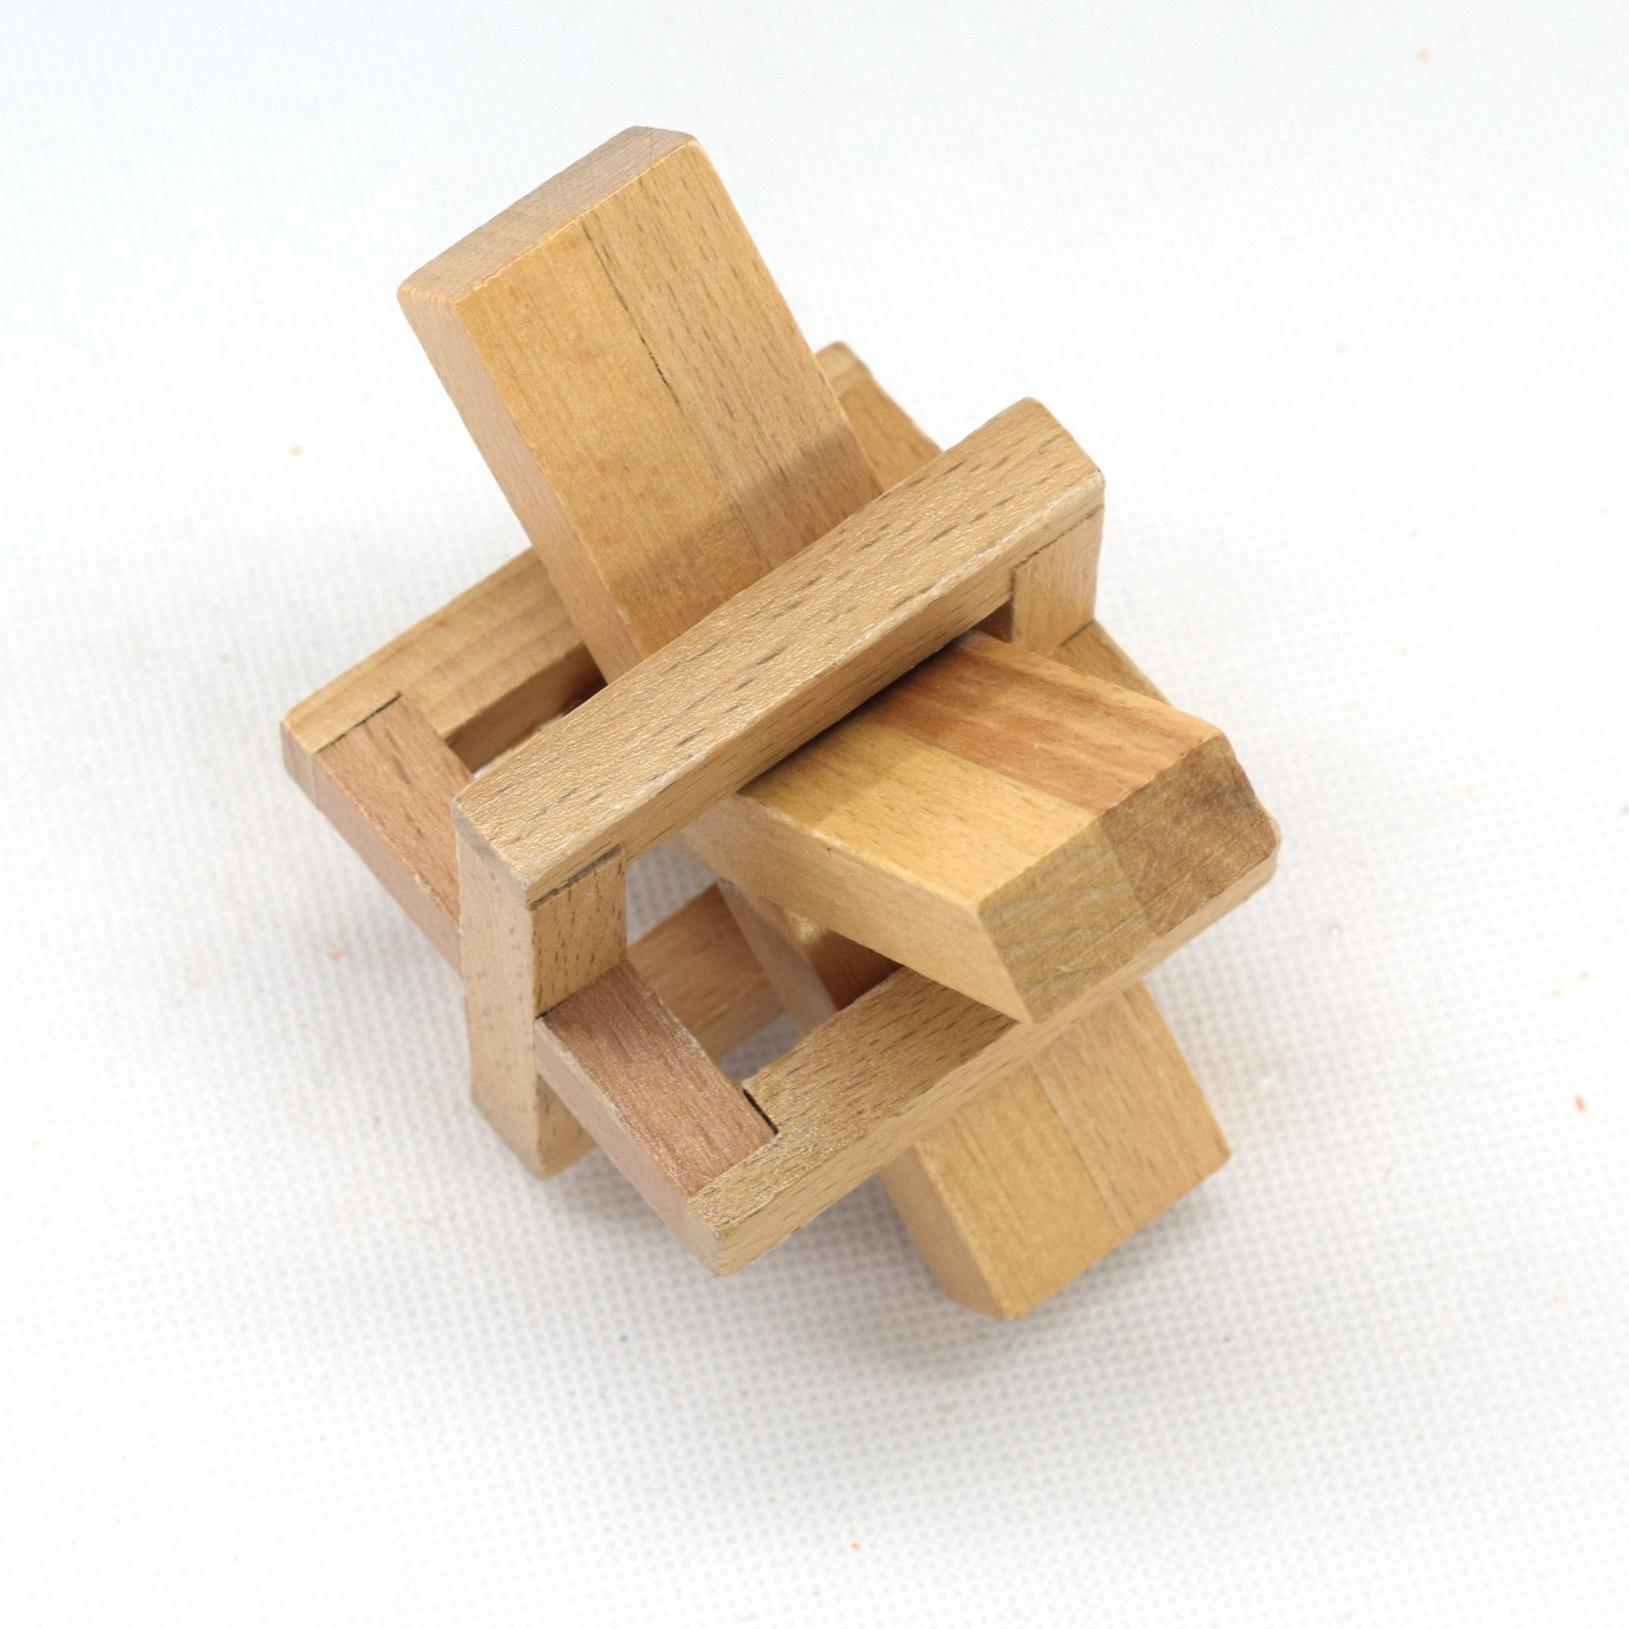 鲁班锁15通拼装步骤图